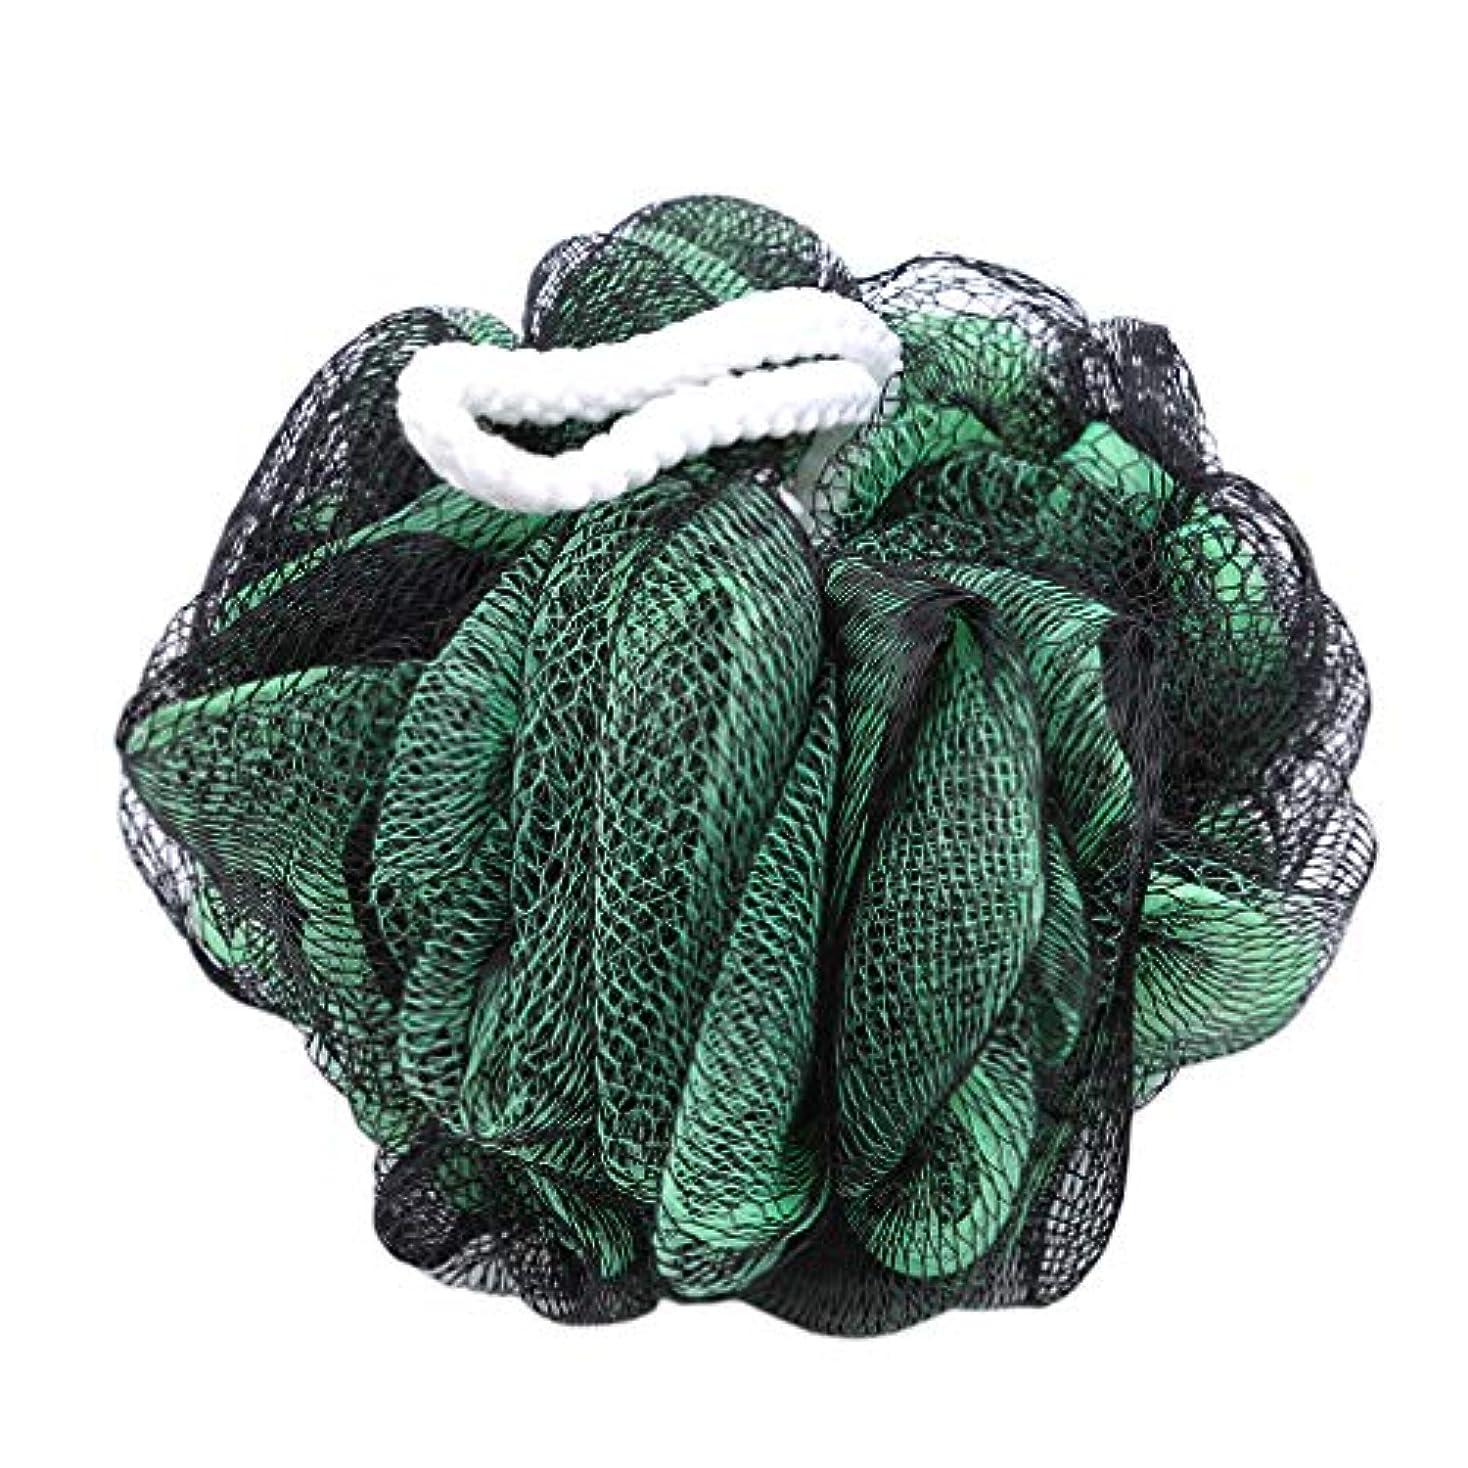 老朽化した正確避難火の色 ボディウォッシュボール ボディ用お風呂ボール 花形 泡立てネット 超柔軟 ベージュ ふわわん シャワー用 上品 黒緑